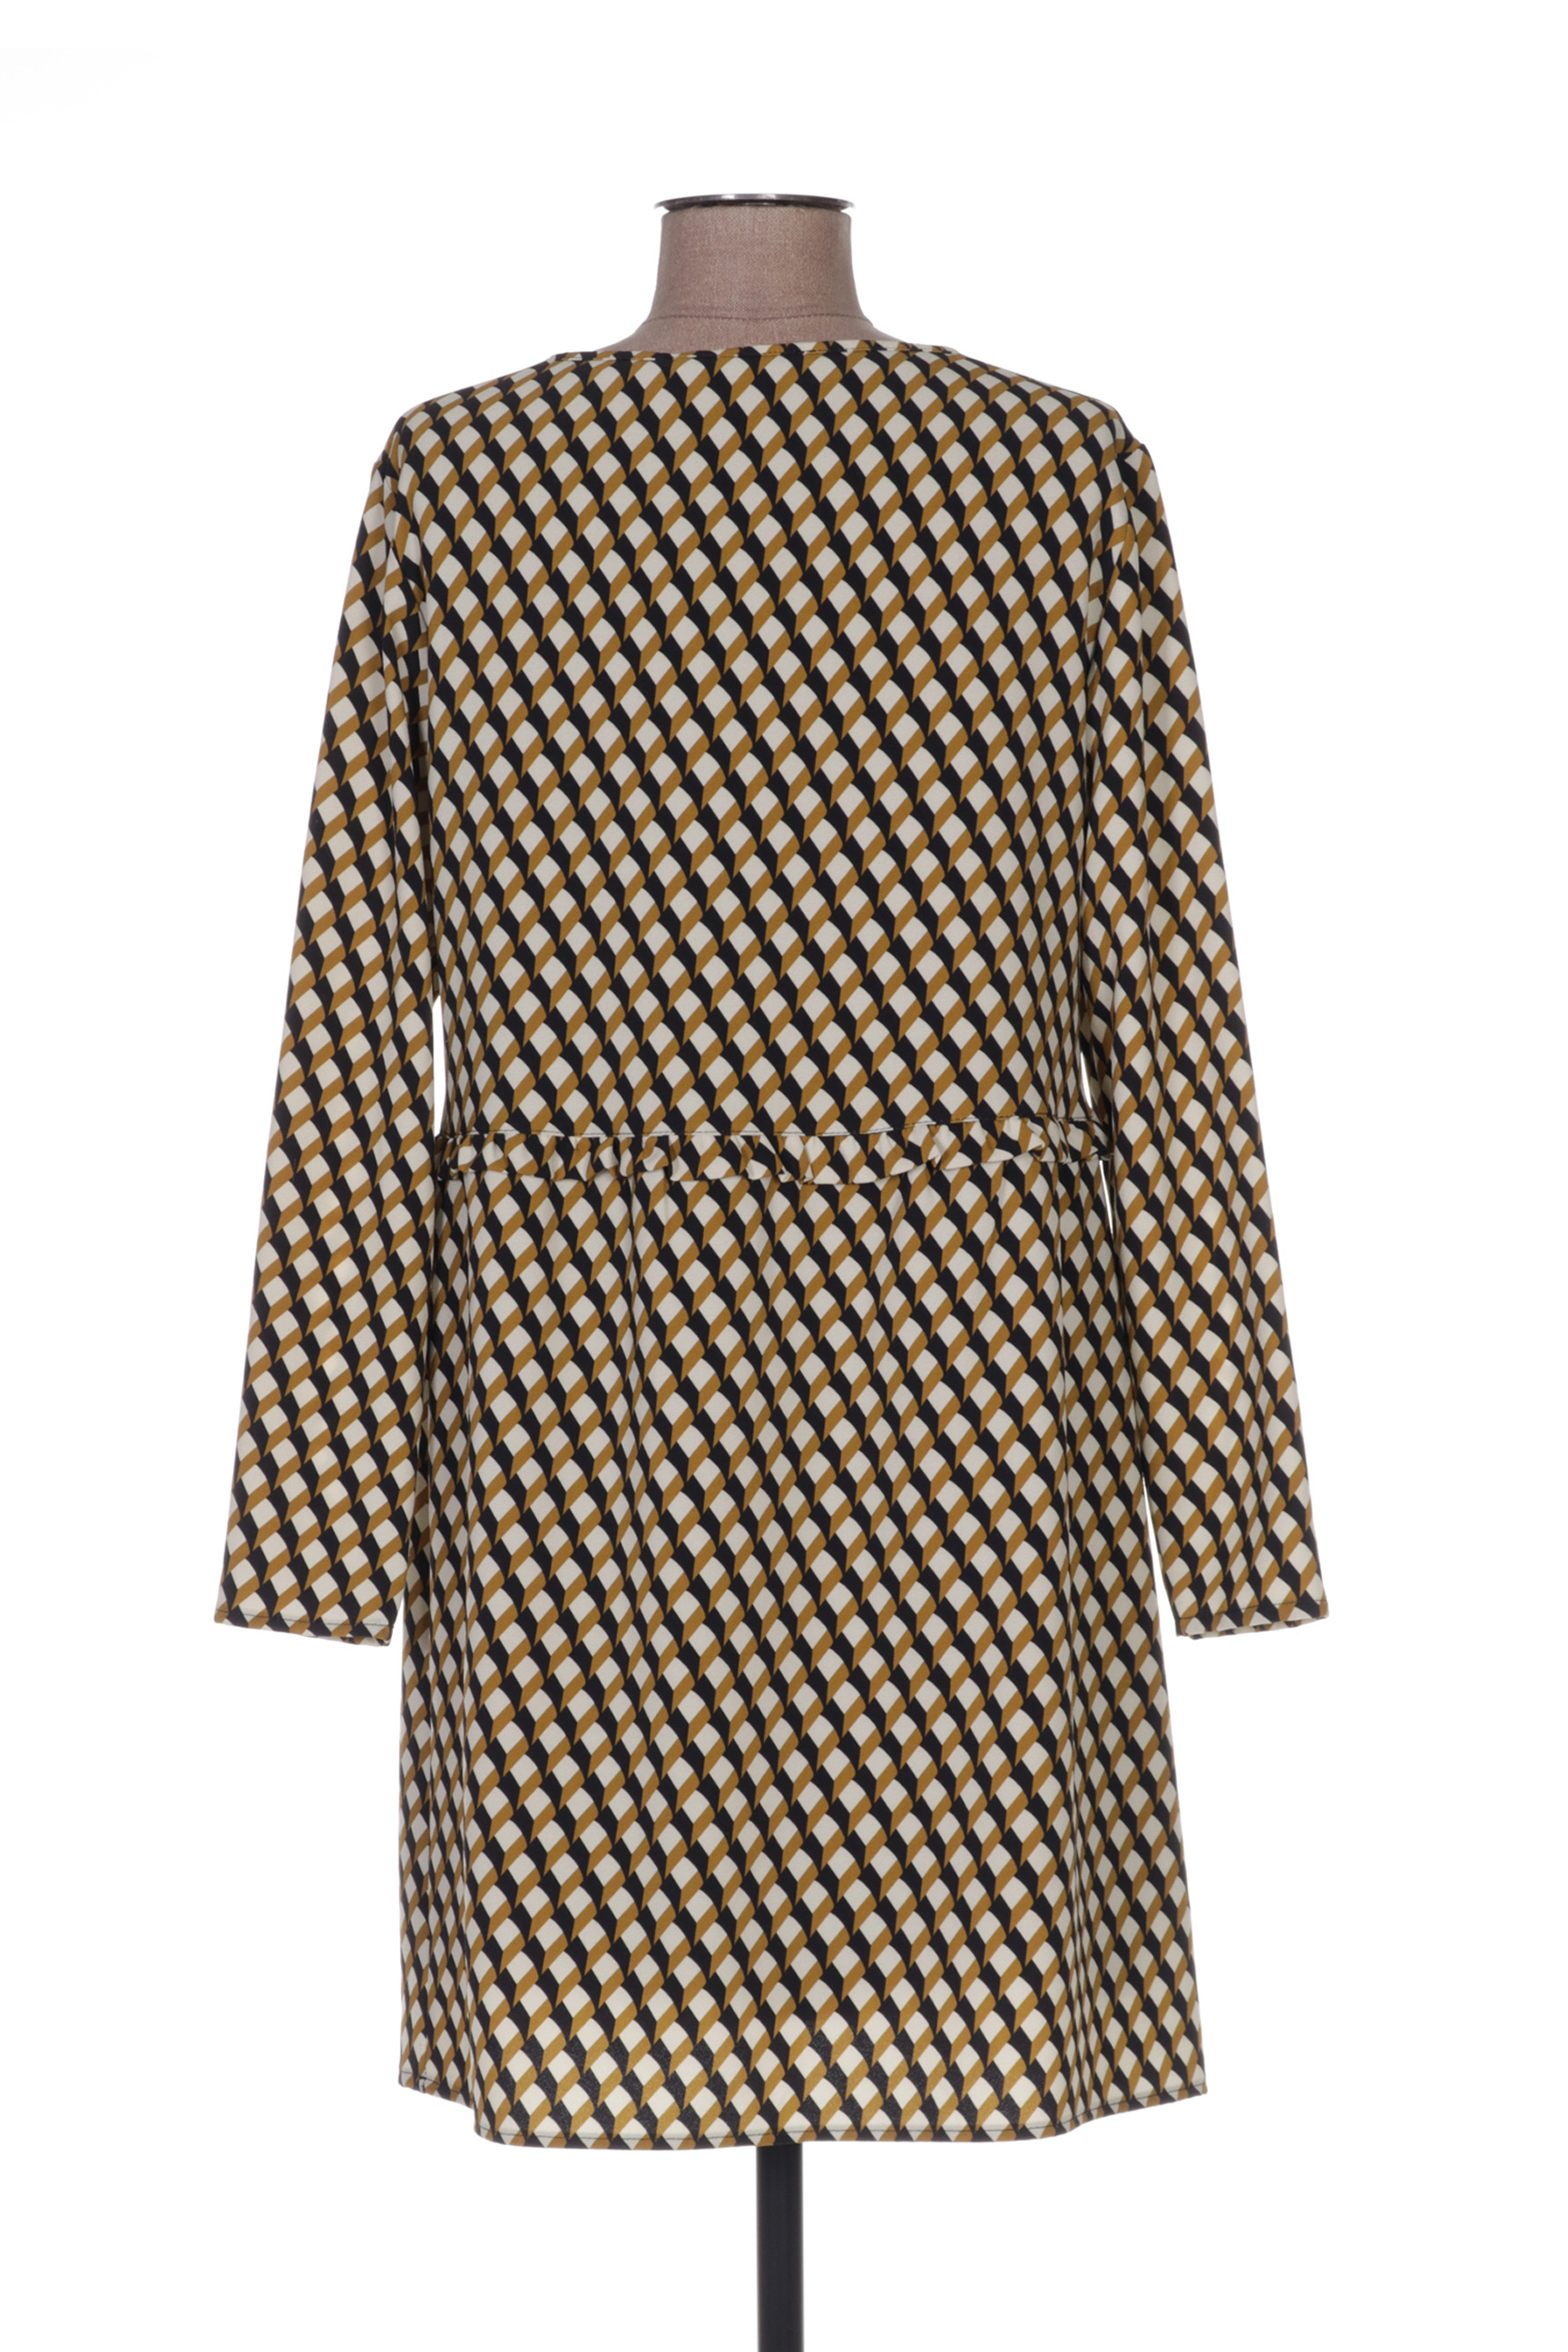 Poussiere D Etole Robes Courtes Femme De Couleur Jaune En Soldes Pas Cher 1369362-jaune0